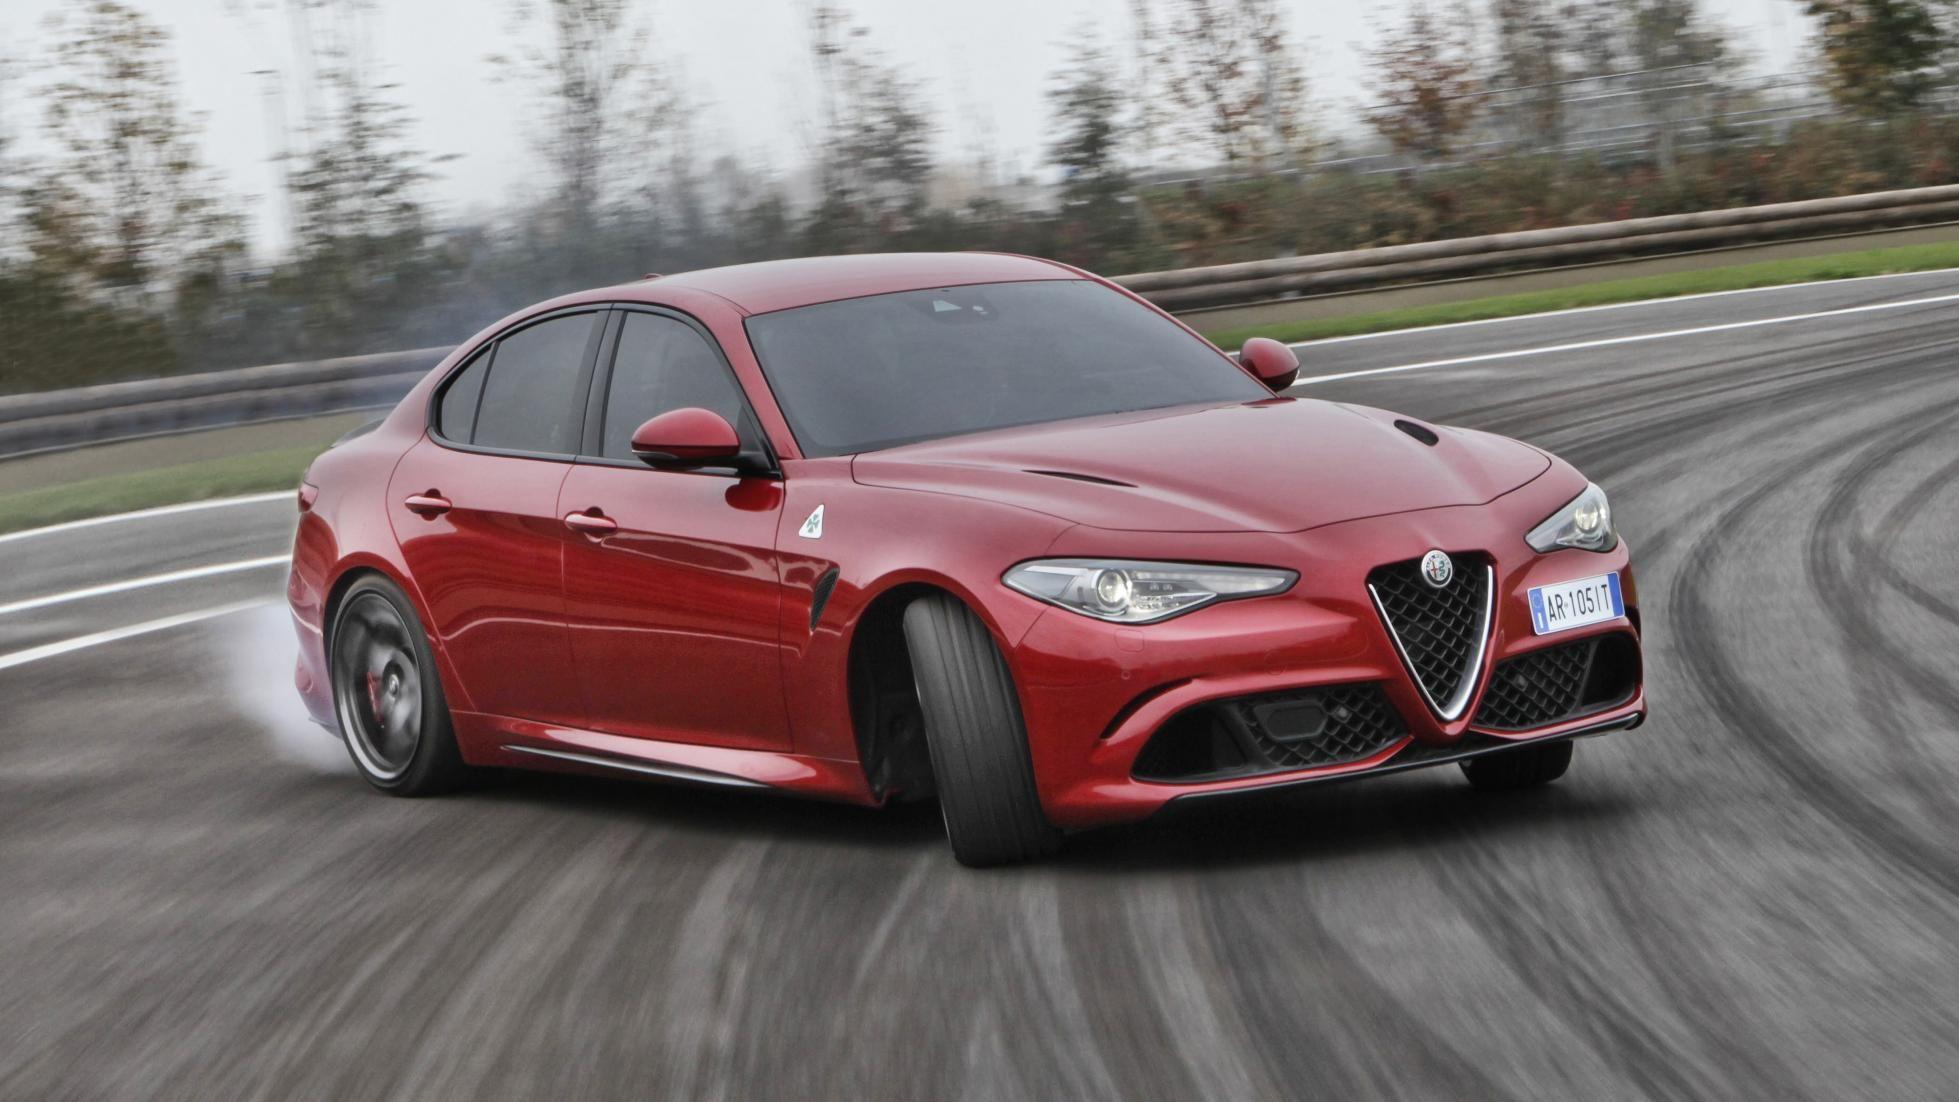 Motori alfa romeo giulia quadrifoglio test drive in pista ultime notizie